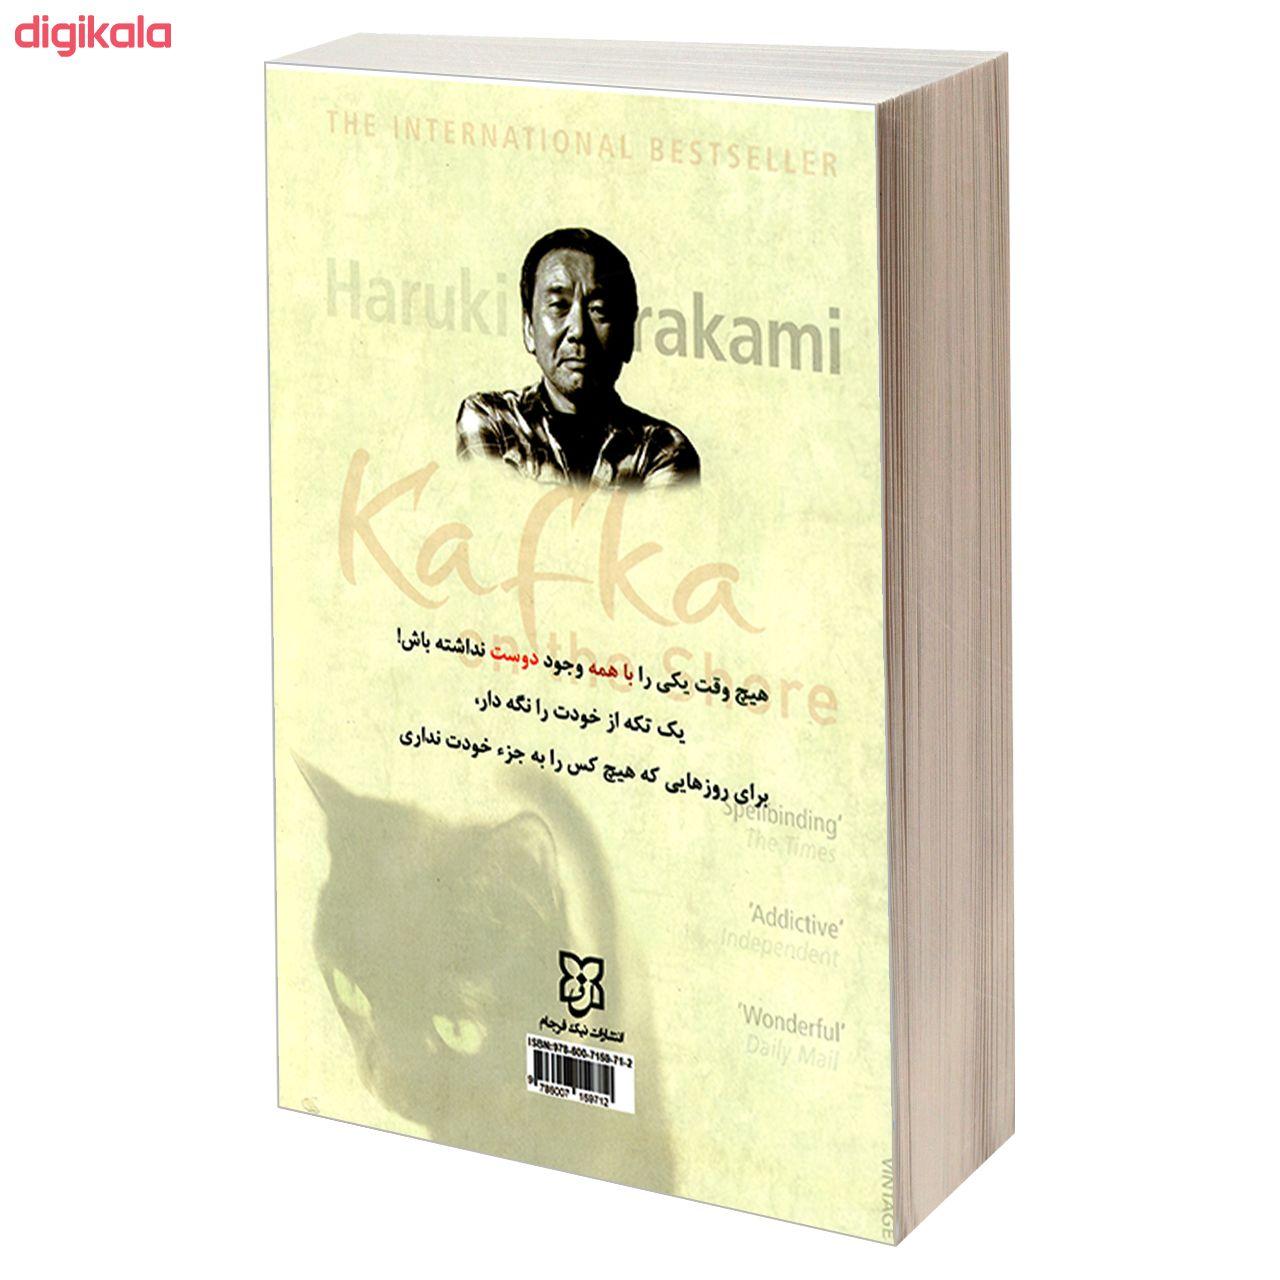 کتاب کافکا در کرانه اثر هاروکی موراکامی انتشارات نیک فرجام main 1 1